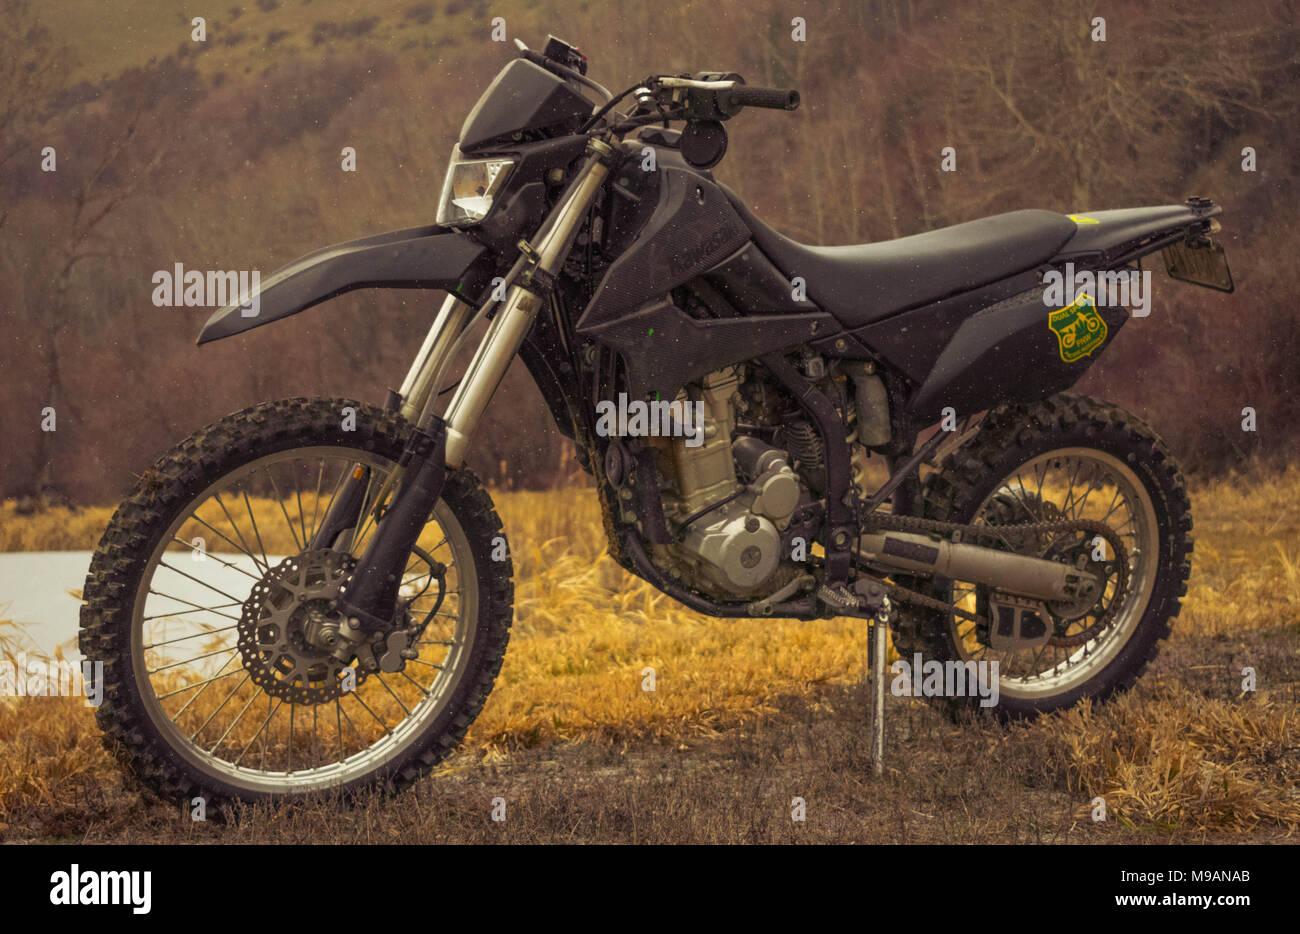 Dirt Bike Kawasaki Stock Photos & Dirt Bike Kawasaki Stock